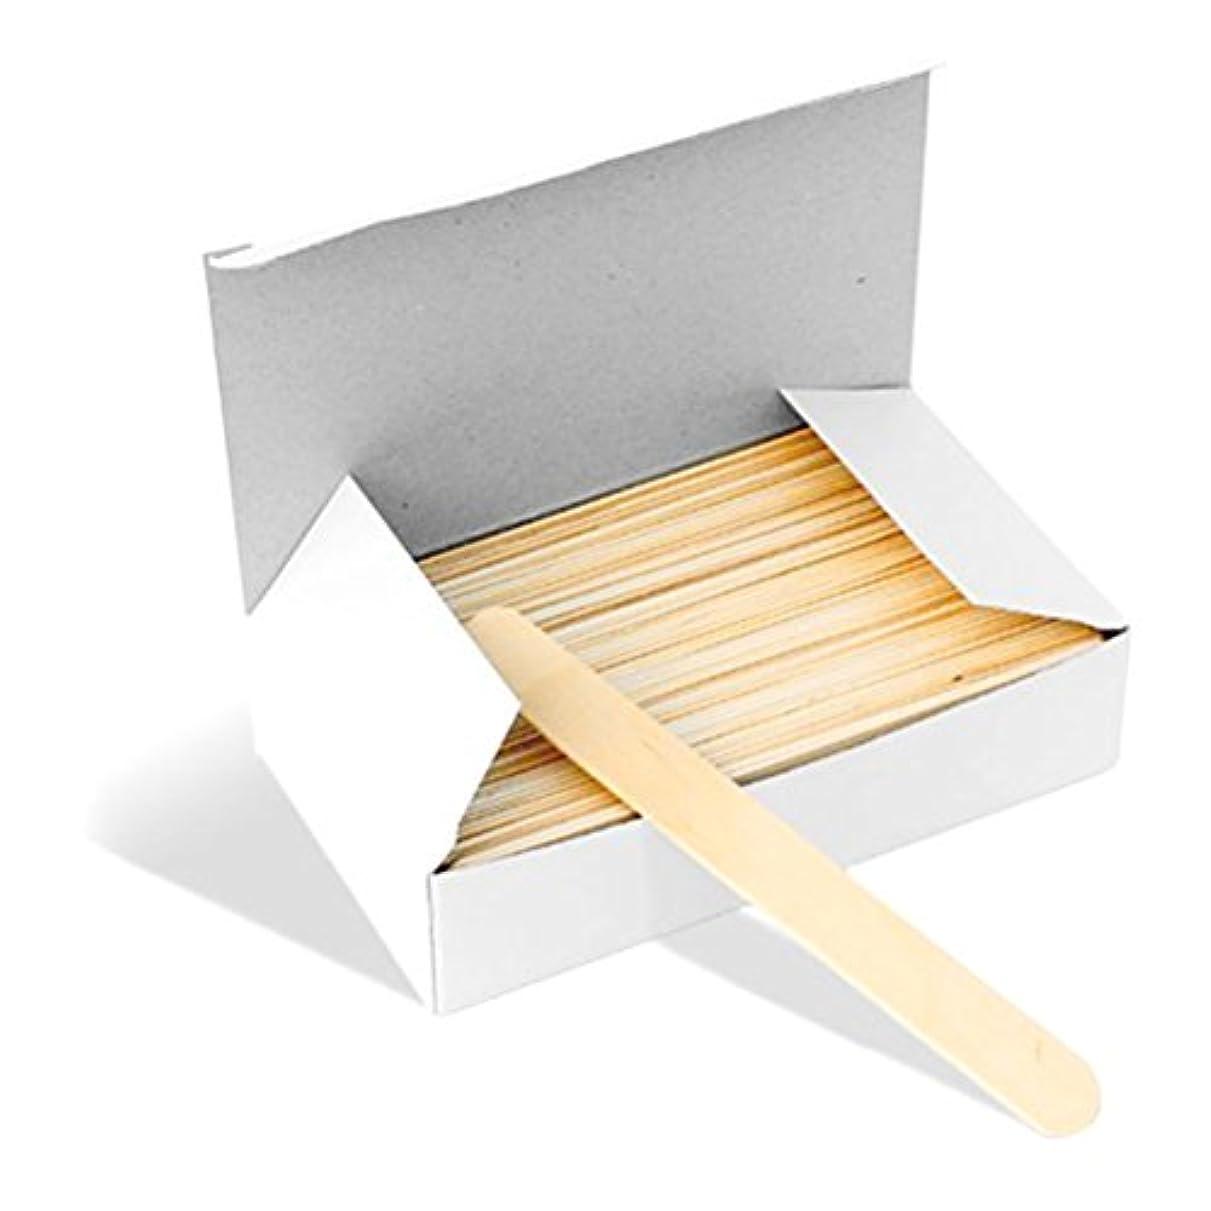 クラック法令数ROSENICE 舌圧子 使い捨て 舌圧迫器 ディスポーザブル 業務用木製 消毒済 100本入り